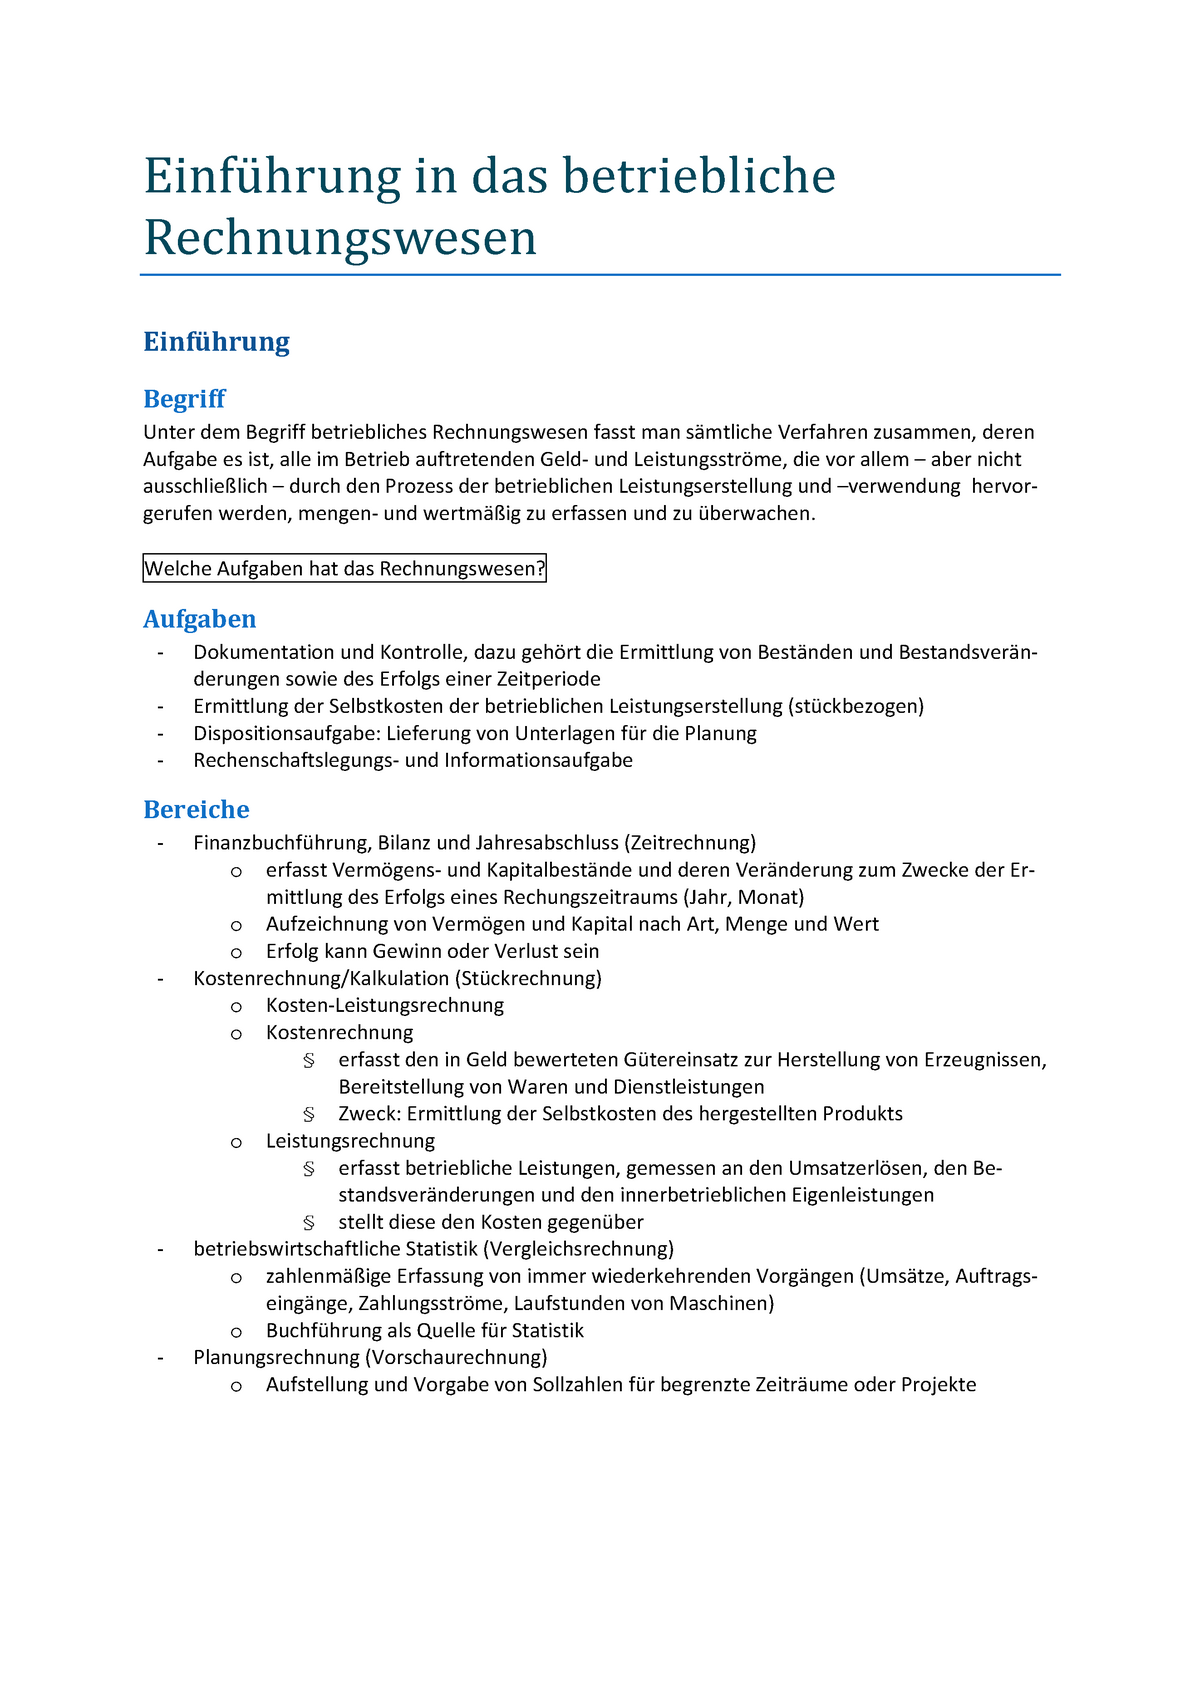 Zusammenfassung Rechnungswesen   WiSo II   B AE 20   Uni Bonn ...